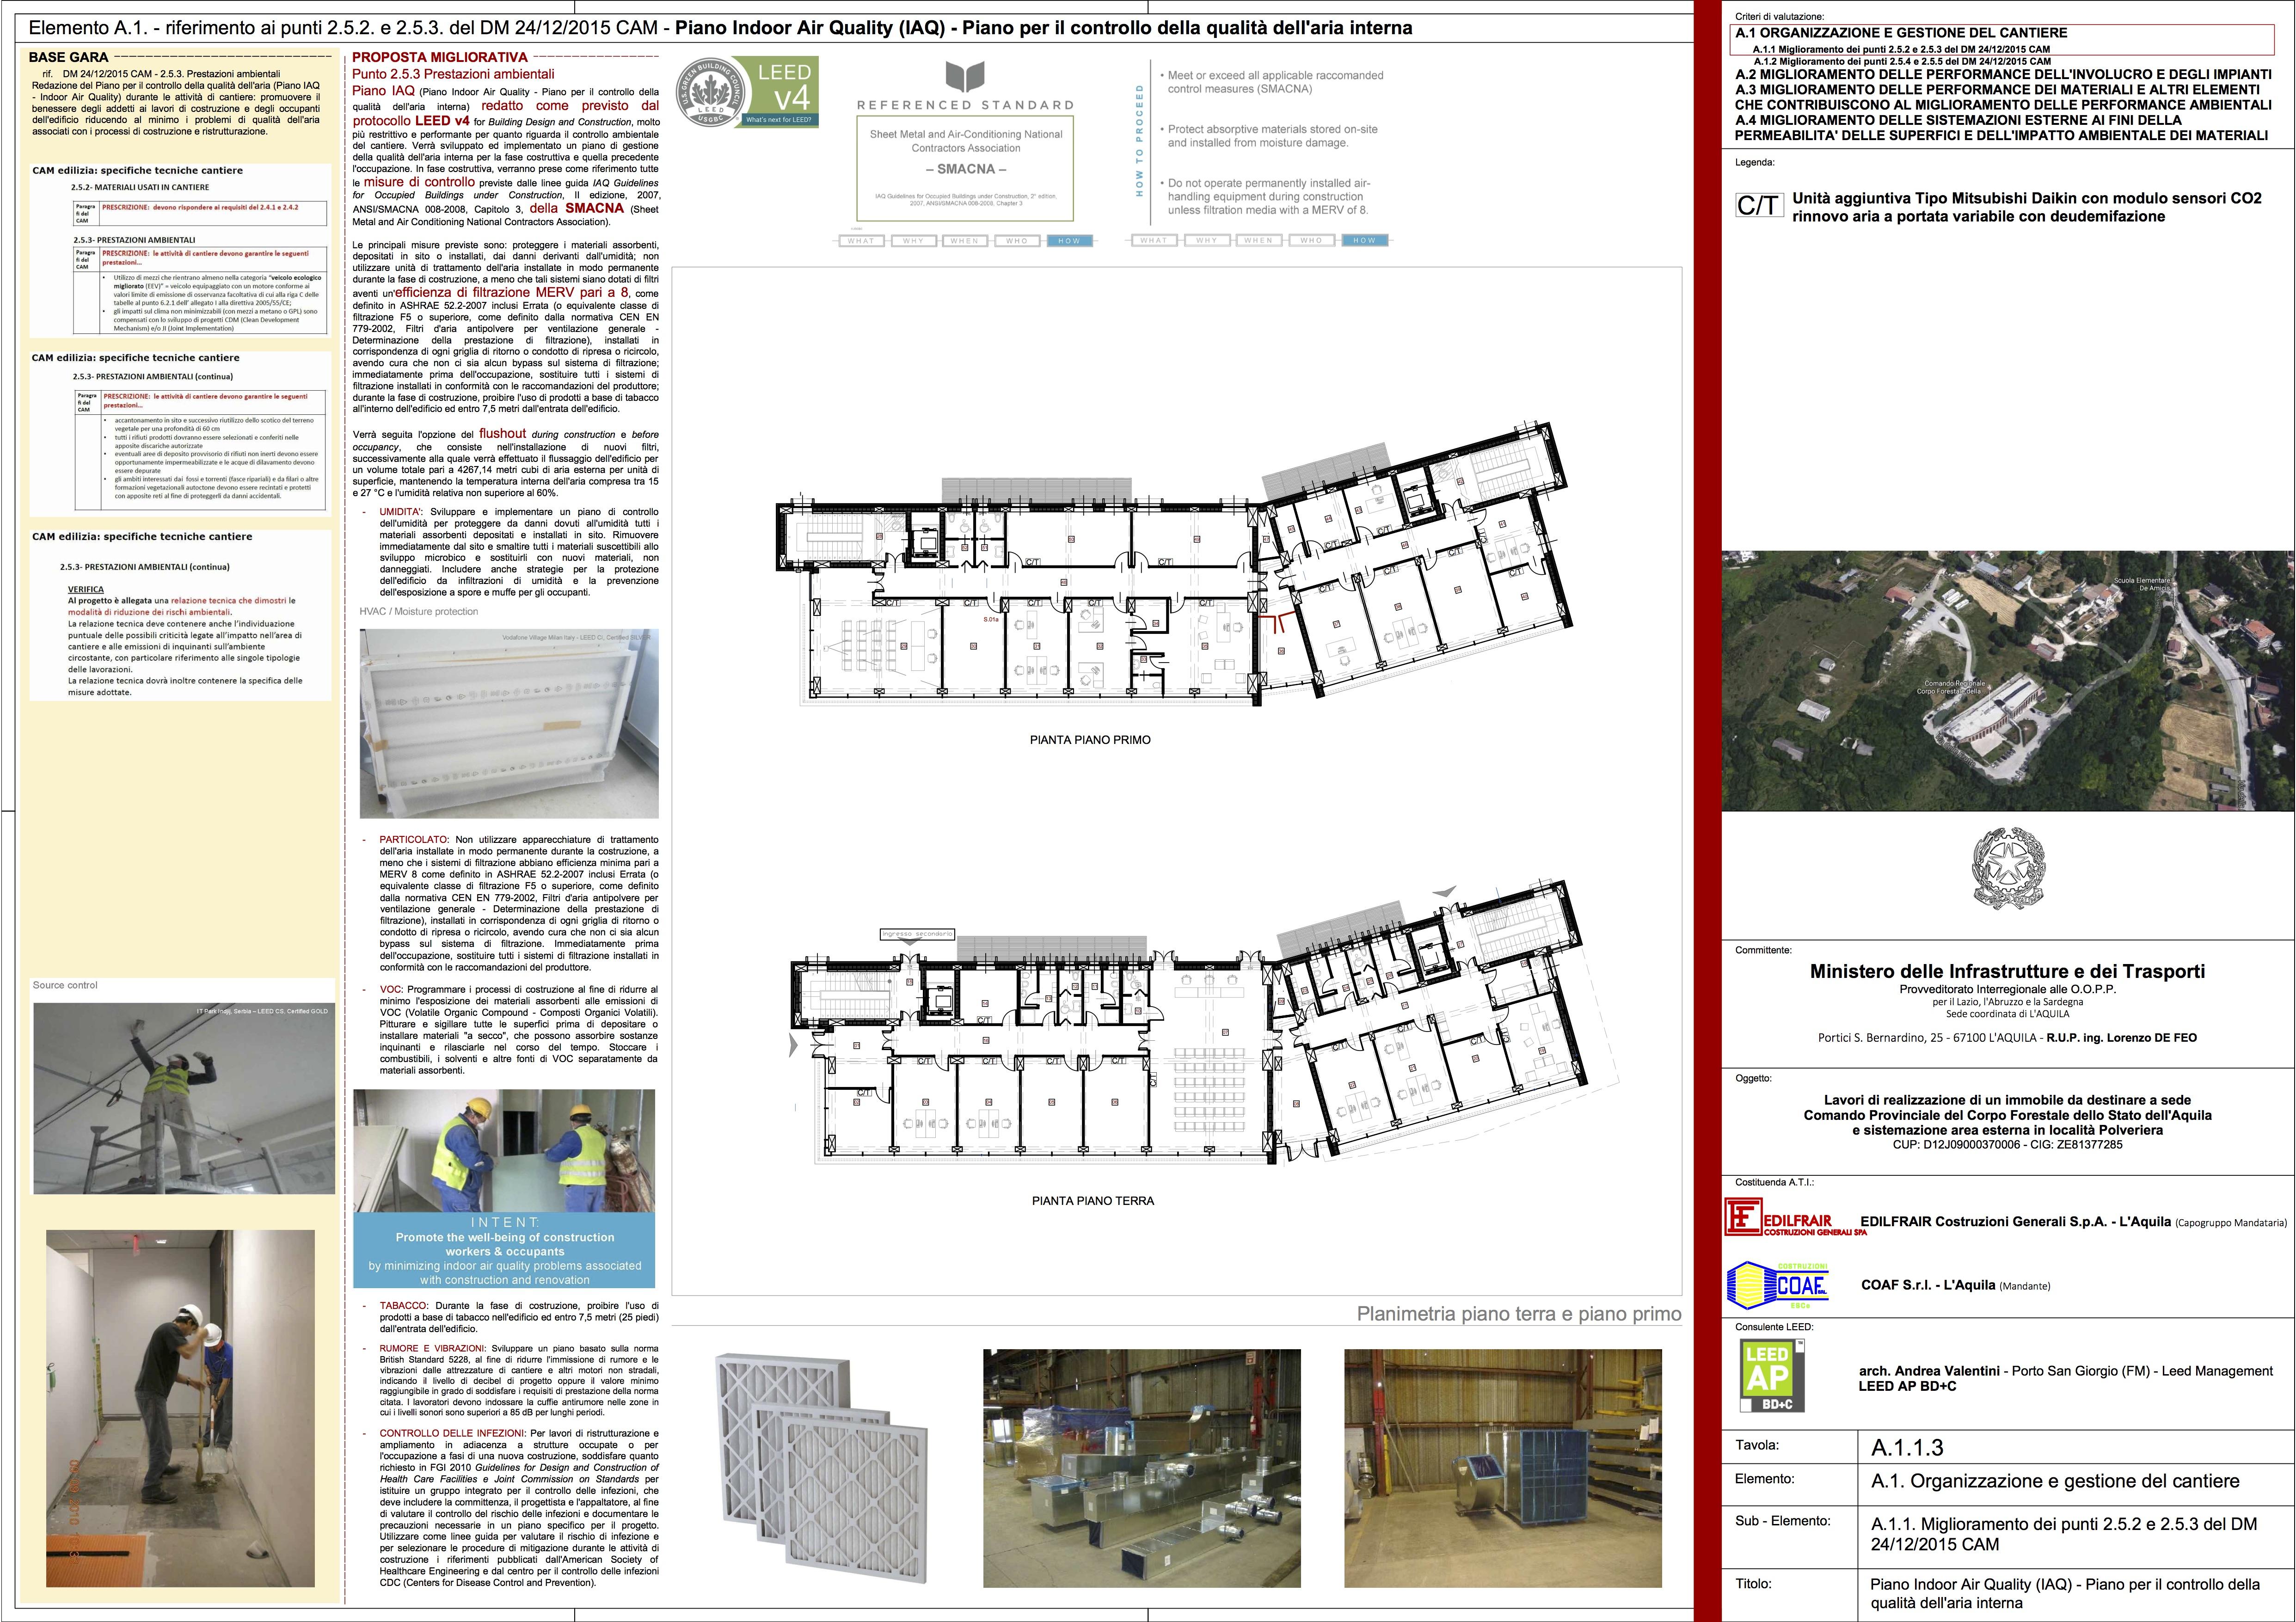 Tavola A.1.1.3 Oranizzazione e gestione del cantiere - Piano IAQ